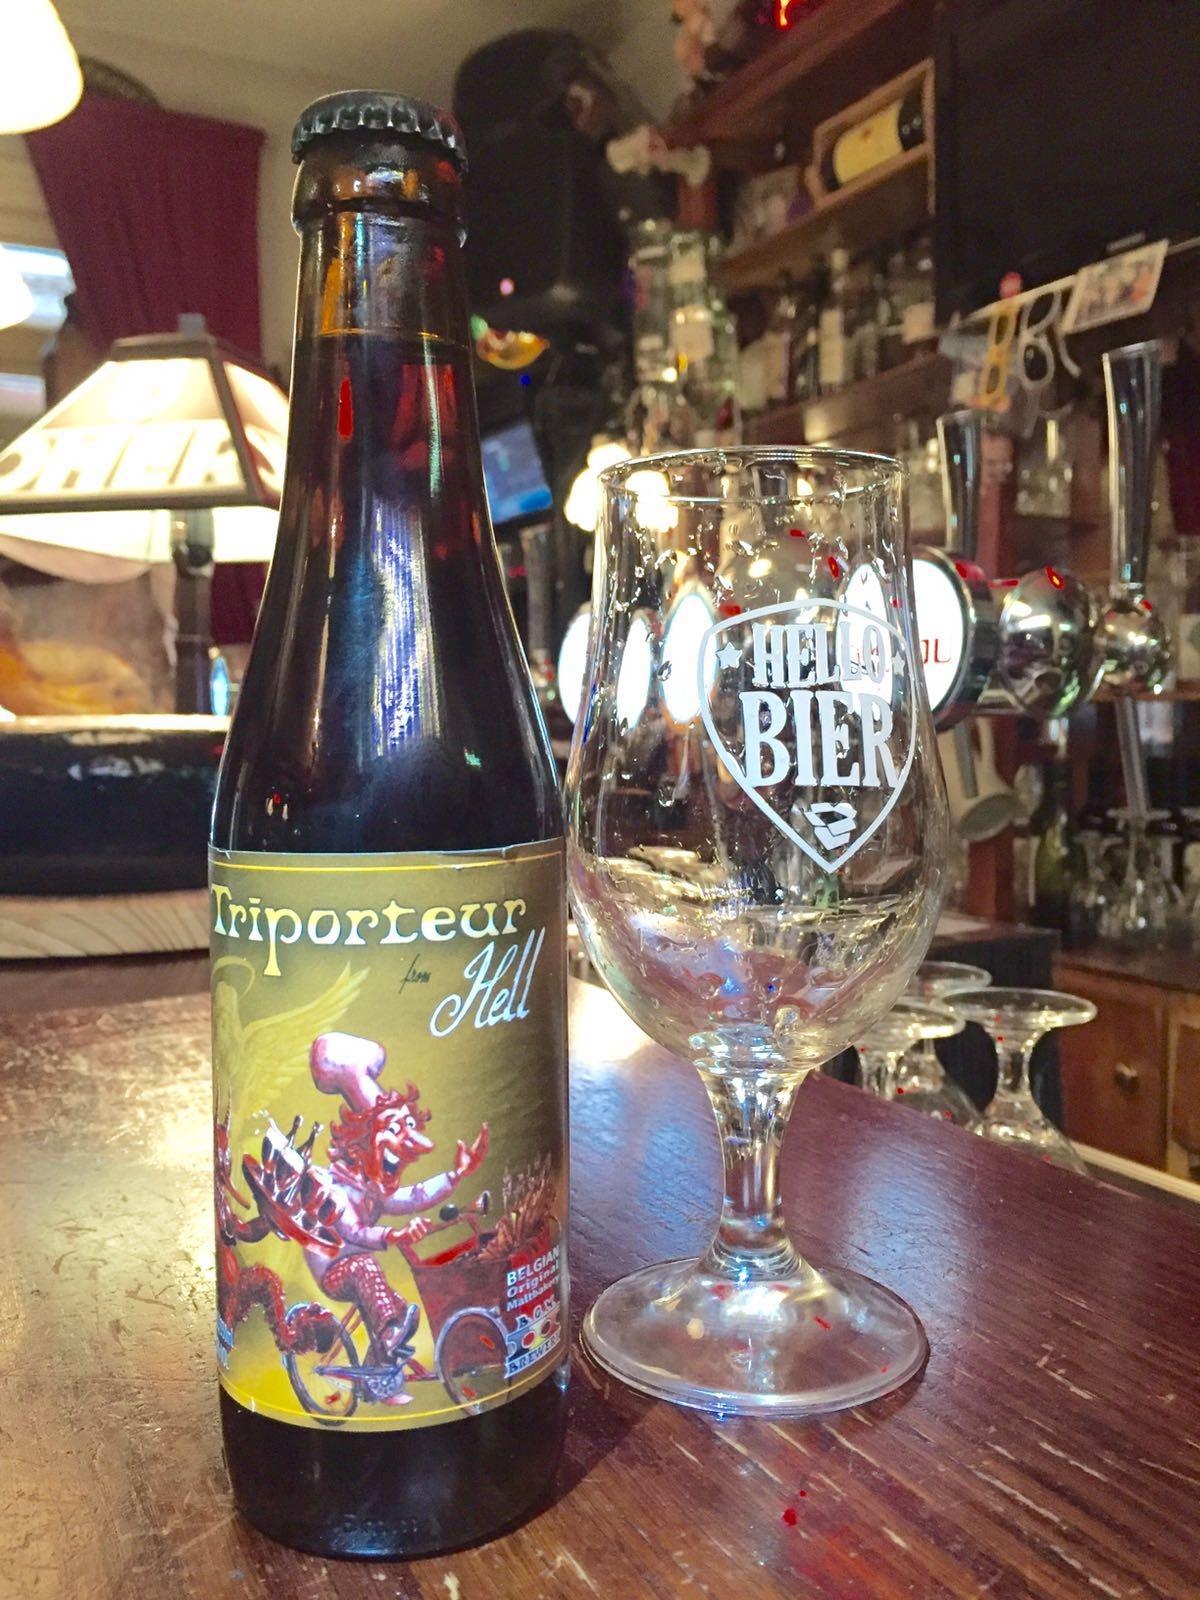 Triporteur Hell Herkomst: Bree, België Bruin bier met hells gebrande BOM (Belgisch Orginele Moutbakkerij) mout. Vroeger had iedere brouwerij zijn eigen moutbakkerij. De bakker is ook terug te vinden op het etiket. Het smakenpallet is een combinatie van cacao, caramel en toch een licht zuurtje. De smaak van dit bier blijft evolueren in de fles. Dit bier gaan we gebruiken voor het recept, pulled pork. Dit bier bevat een alcoholpercentage van: 6,6% Advies serveertemperatuur: 8 graden